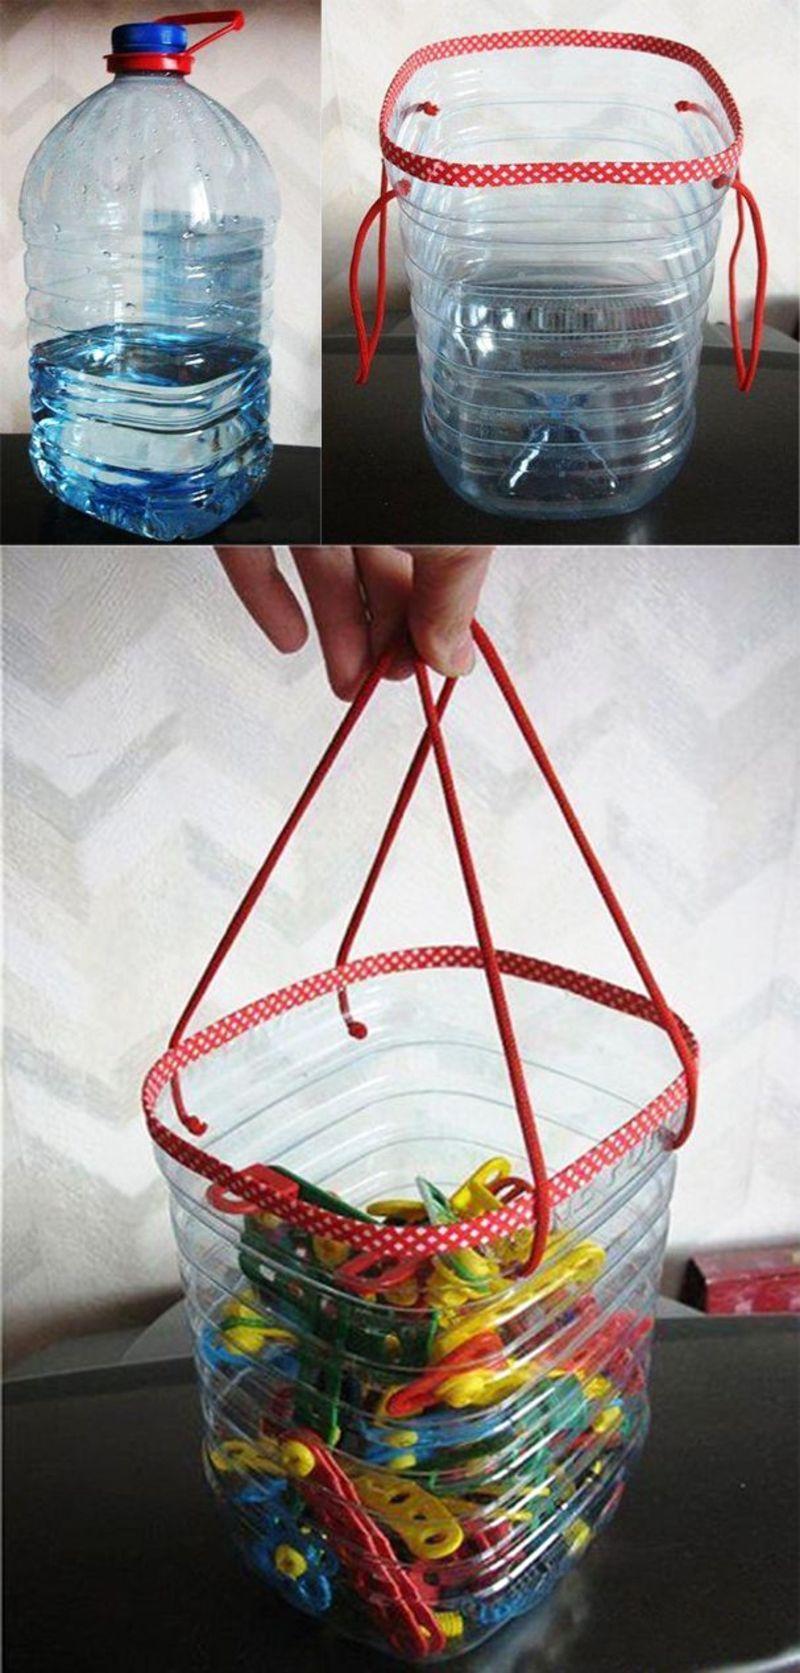 Переработка пластиковых бутылок: оборудование, утилизация пэт